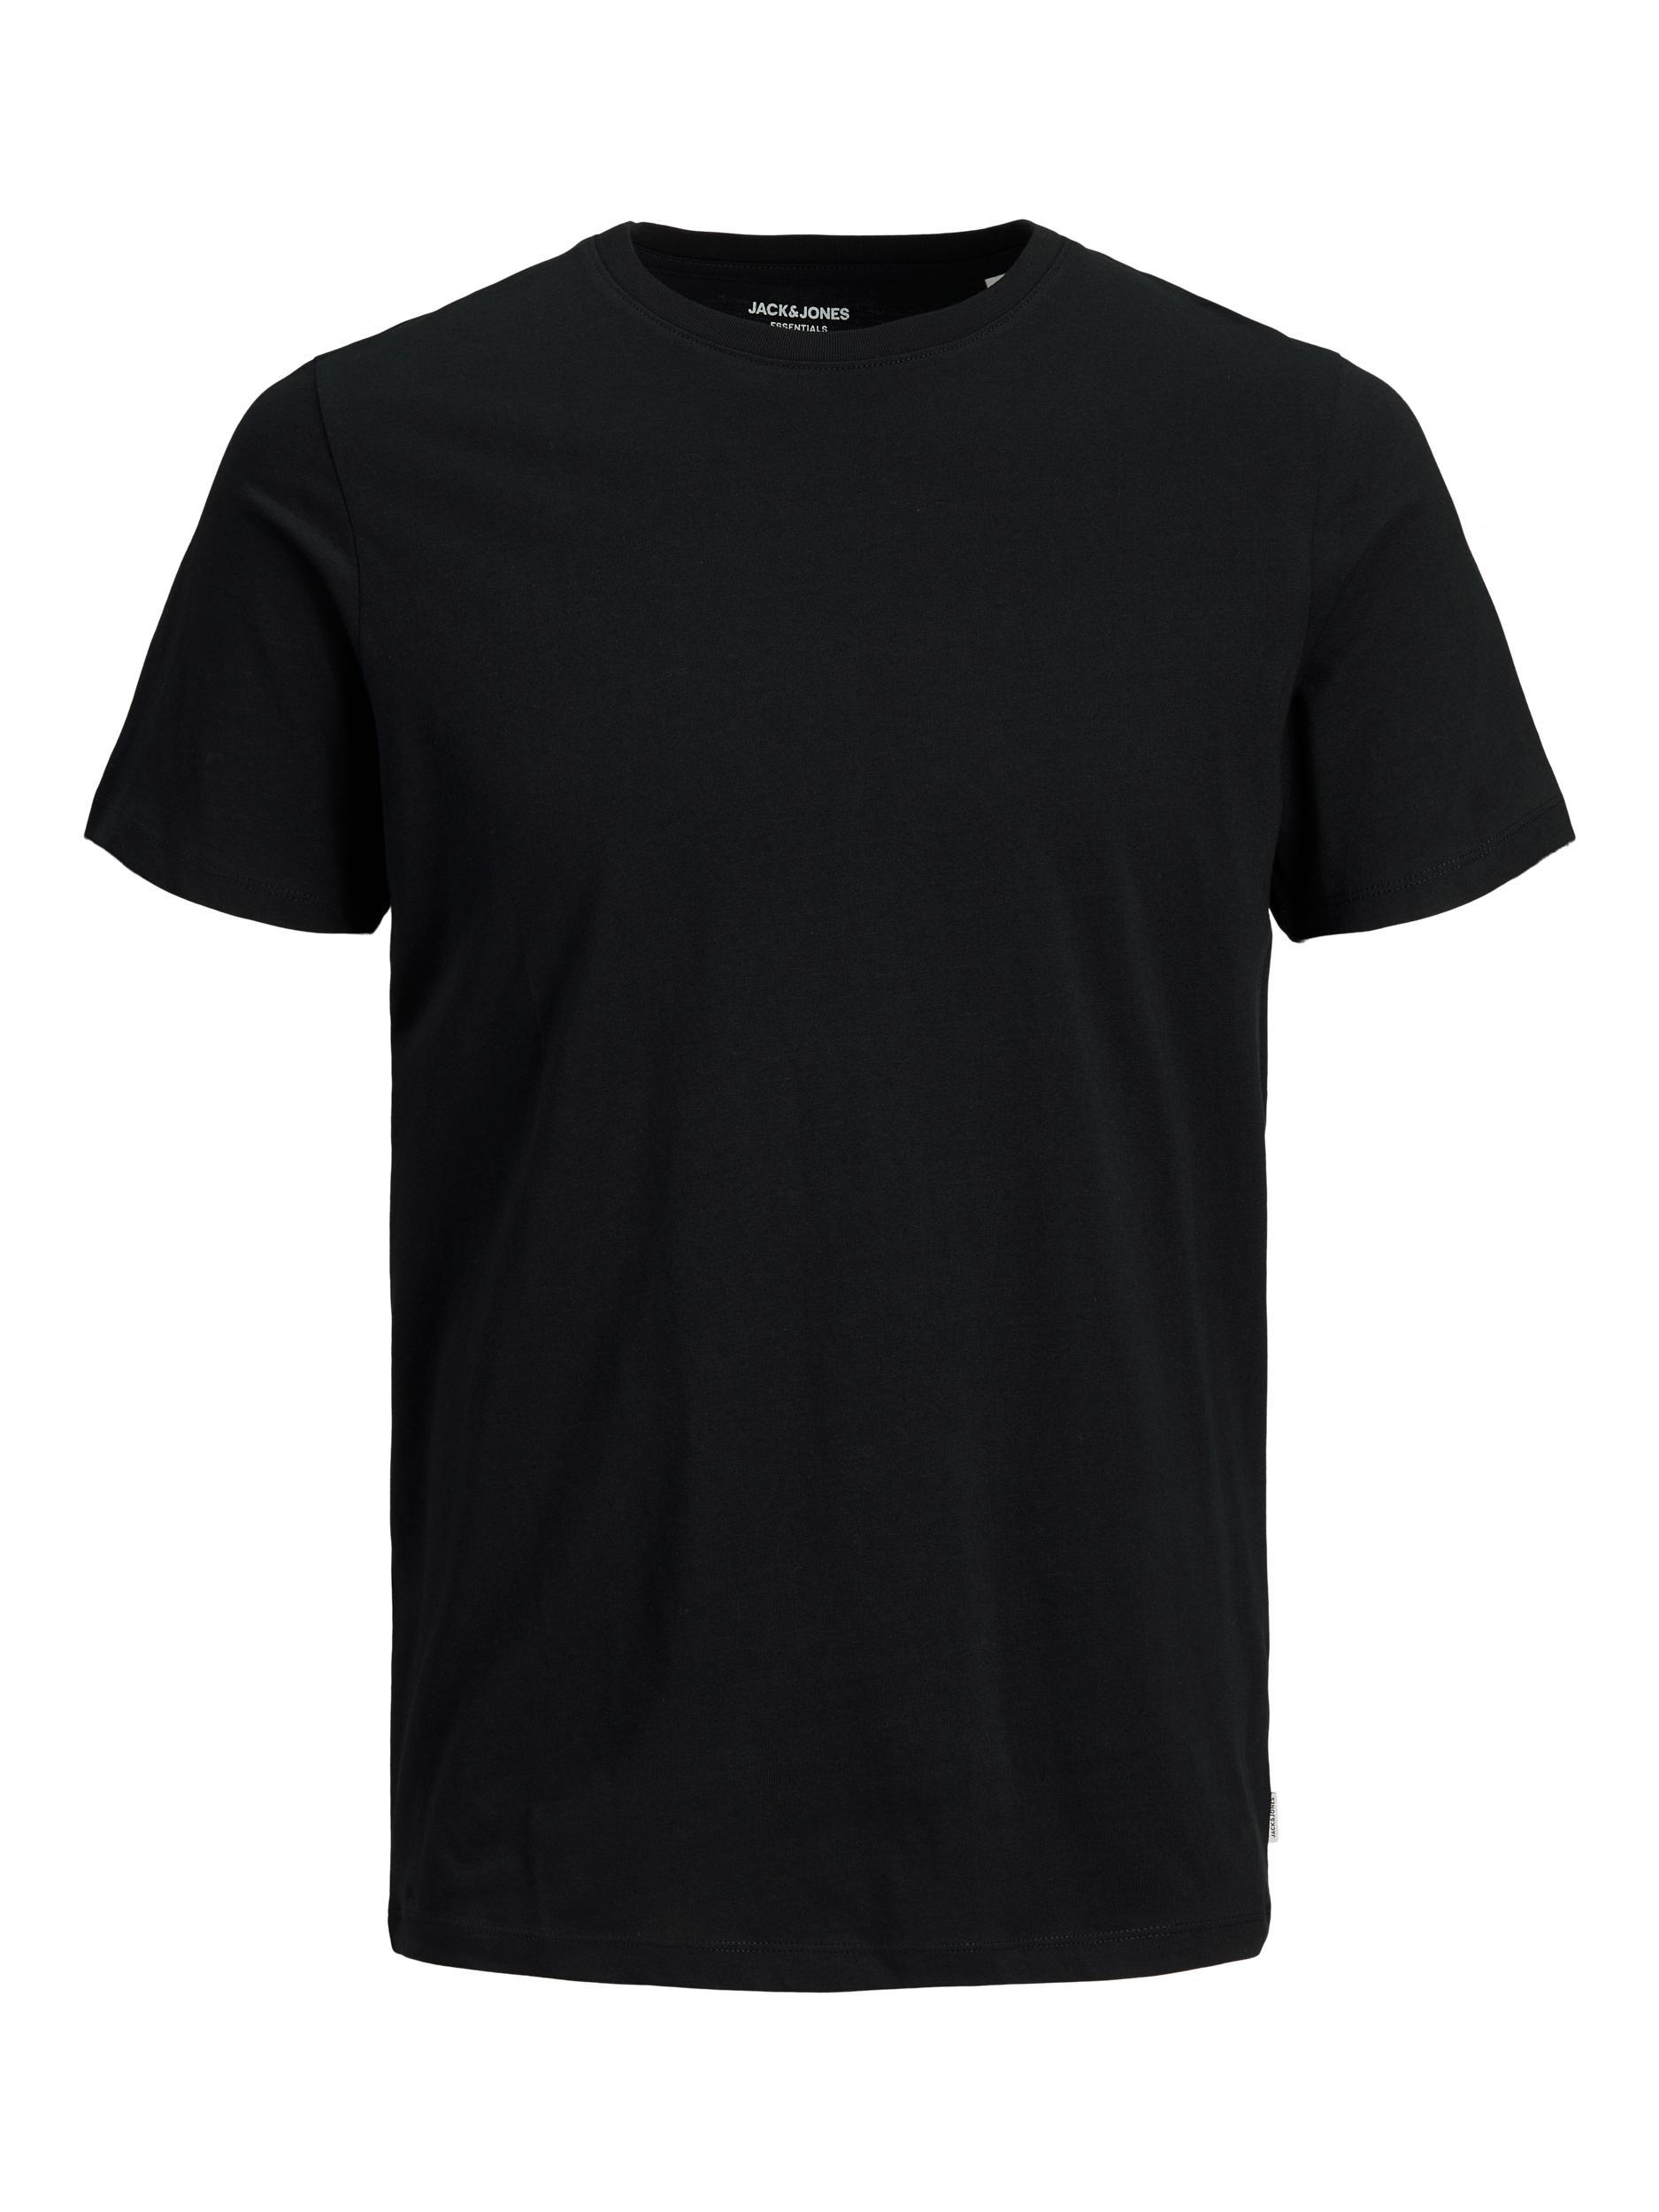 Jack & Jones Organic Basic t-shirt, black, large